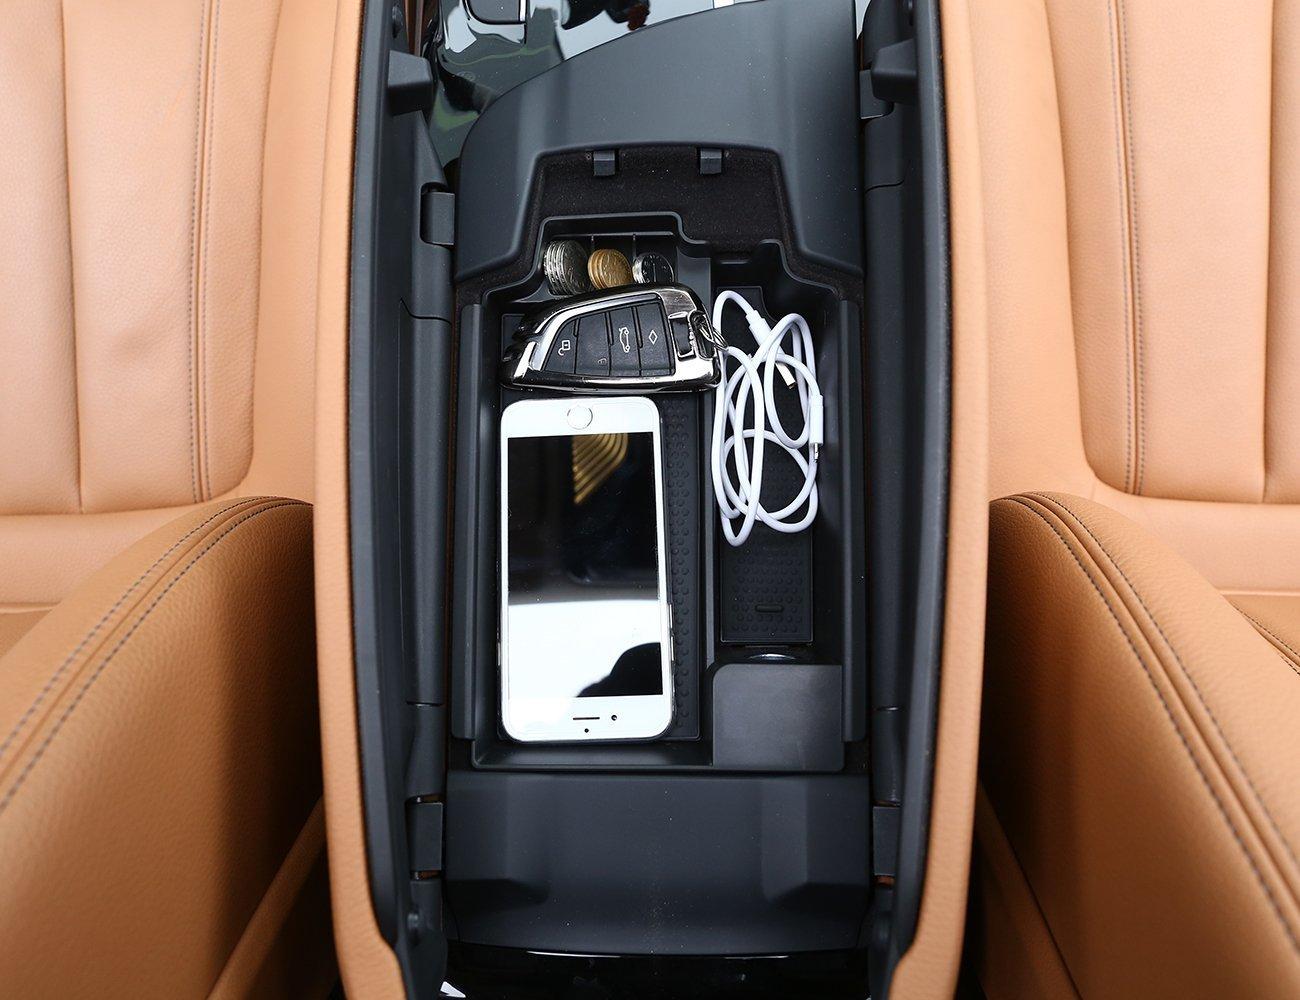 car-styling Kunststoff Mittelkonsole Armlehne Aufbewahrung Auto Innen Zubehö r Box Handy Tablett fü r 5 Serie G30 2018 Luxuqo